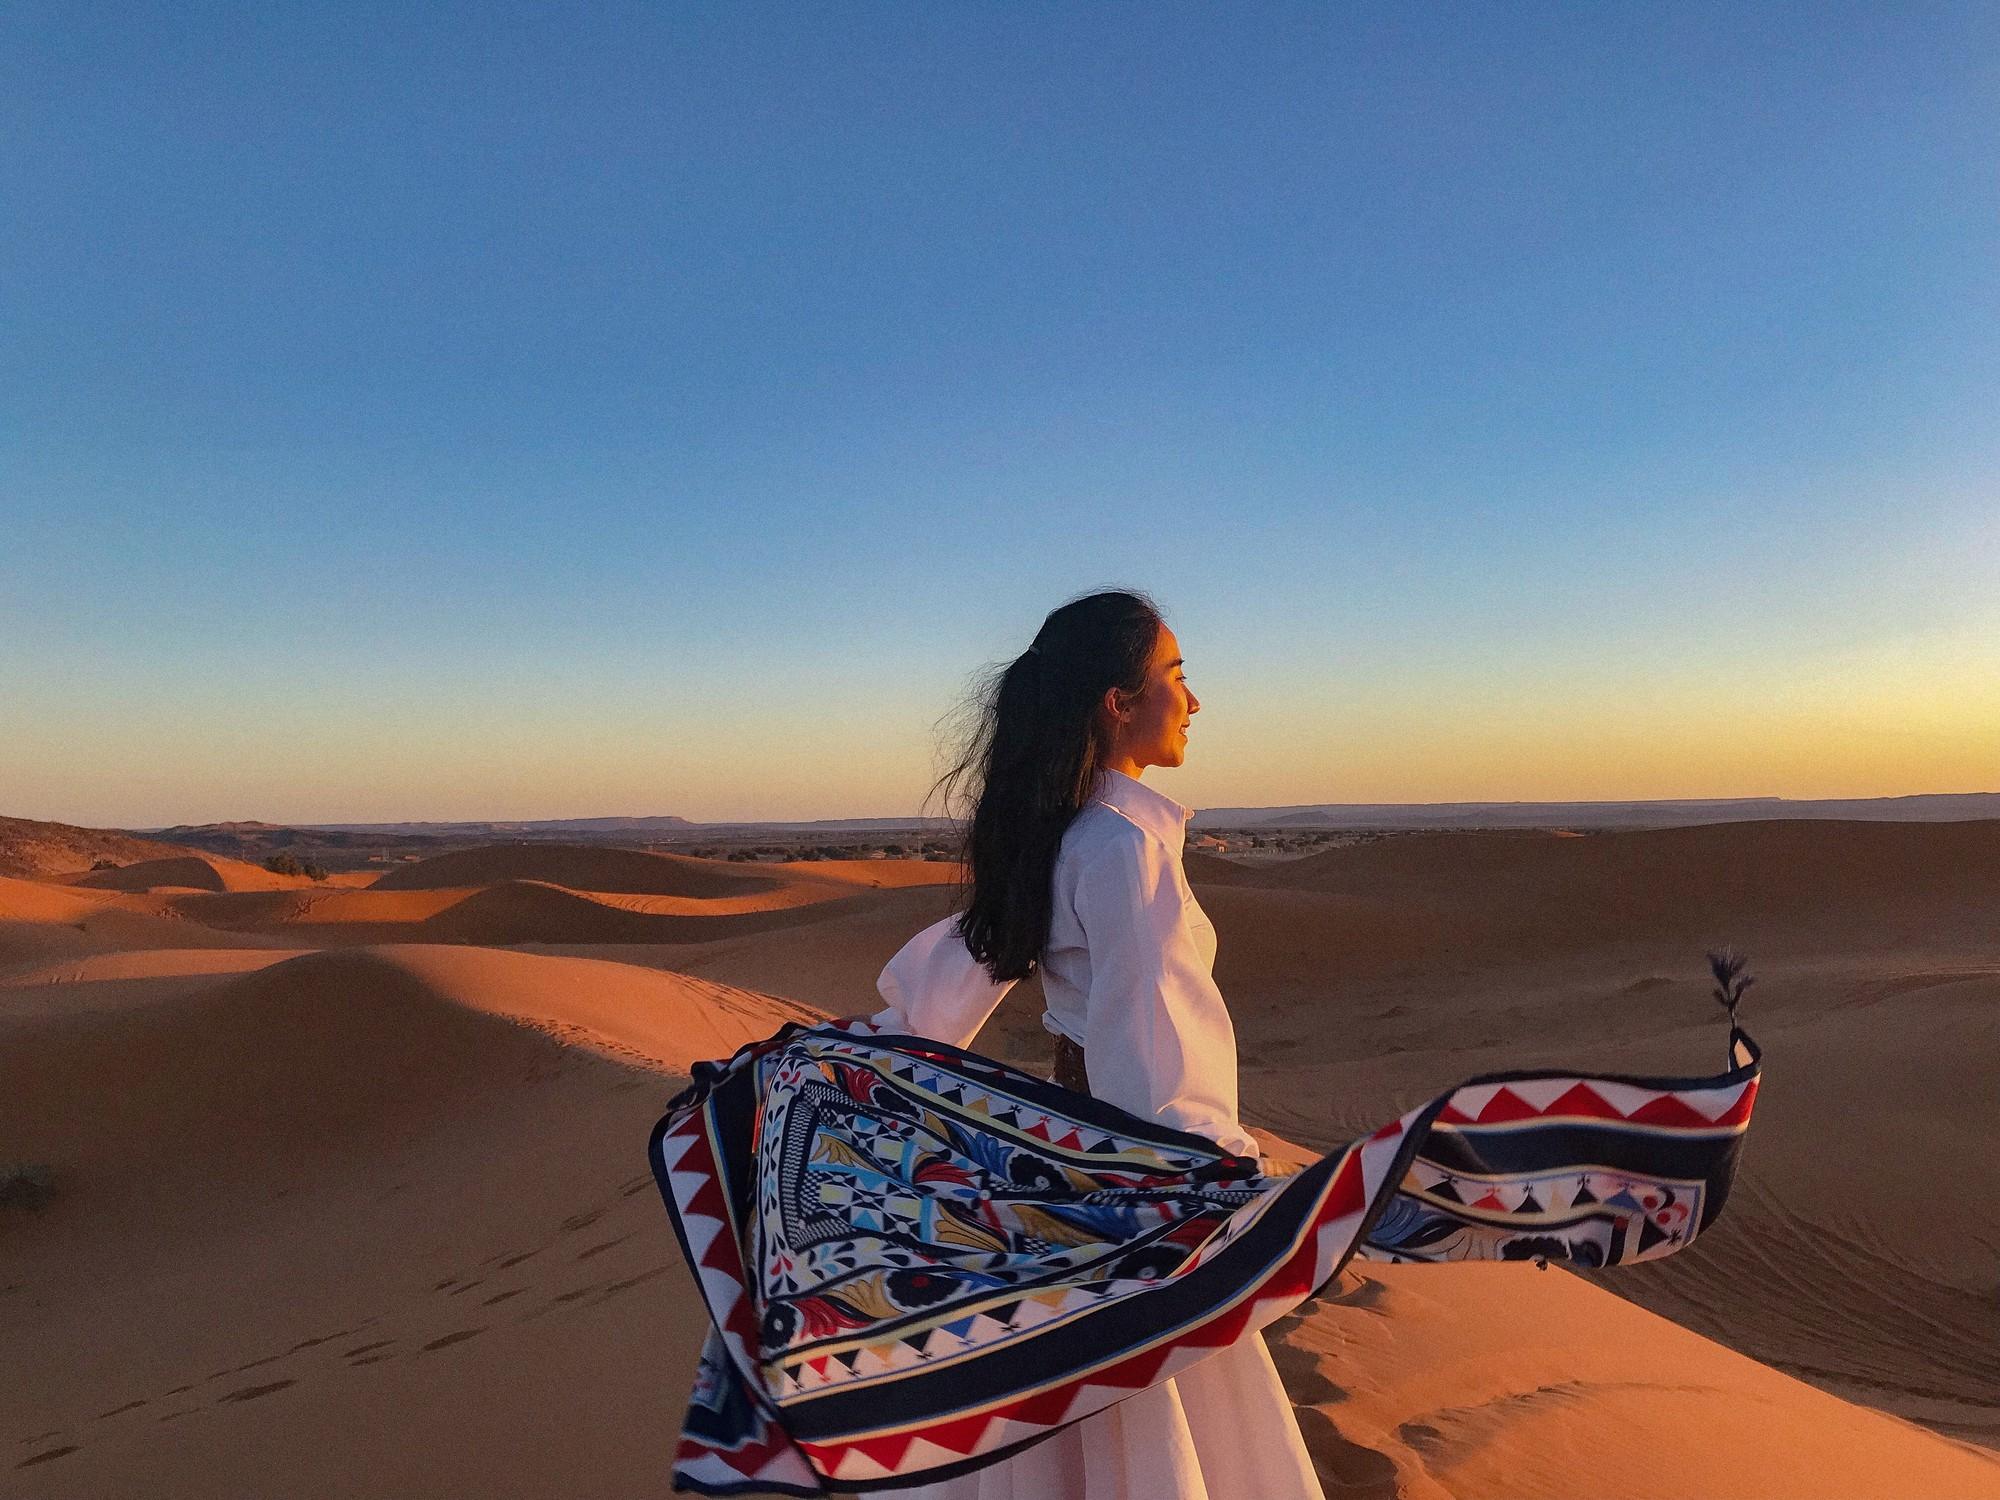 Để Mị nói cho mà nghe: Đi du lịch Morocco bây giờ đang là mốt đấy, không tin thì đọc thử bài review chi tiết này đi! - Ảnh 4.